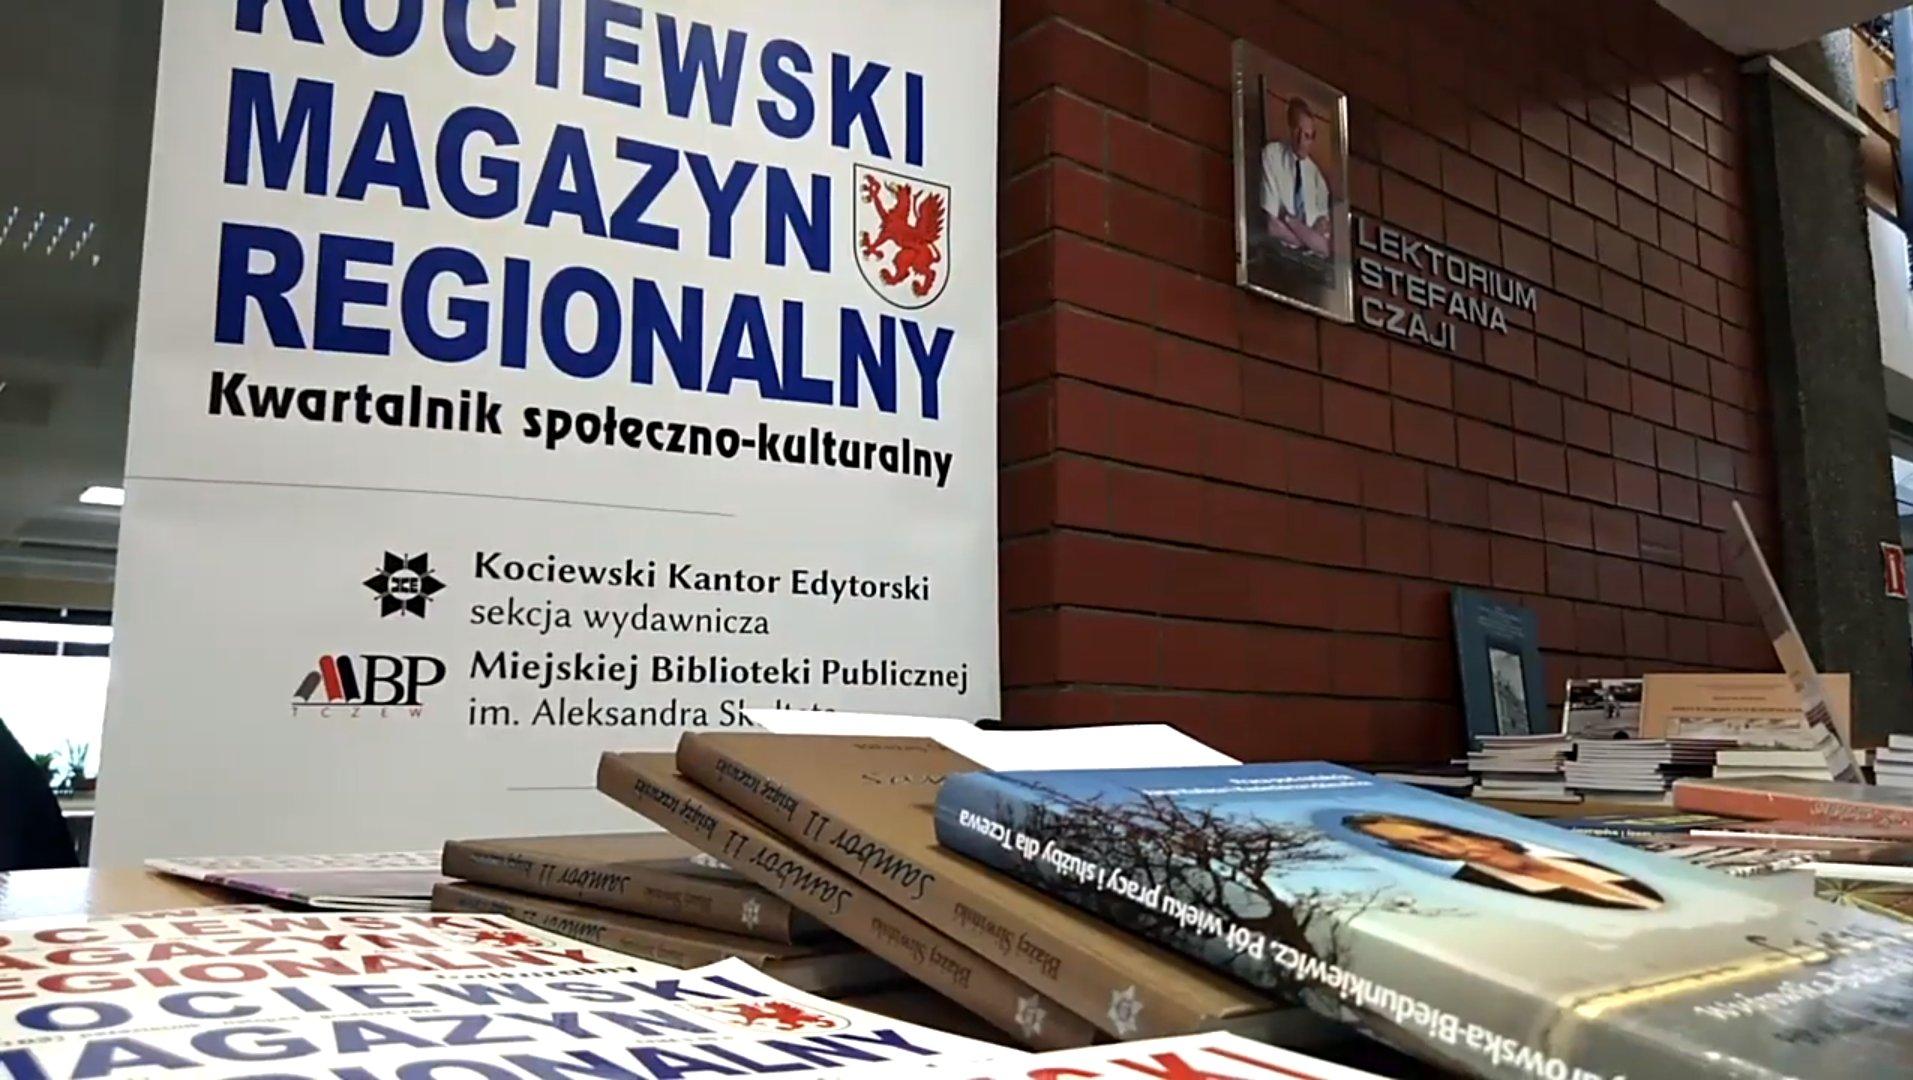 VII Toruński Kiermasz Książki Regionalnej